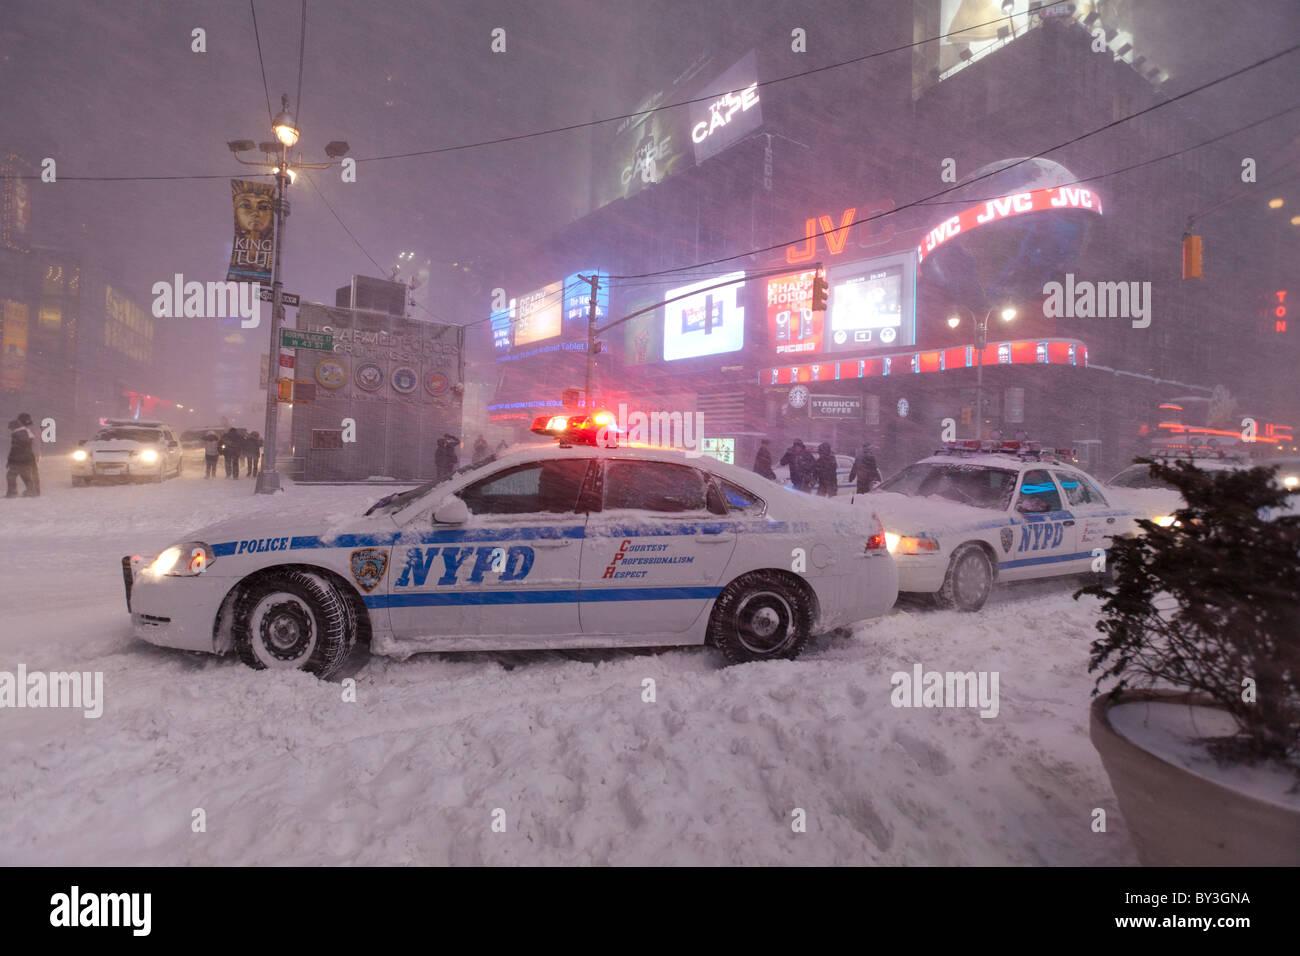 Resultado de imagen para pic of an nypd squad car in the snow